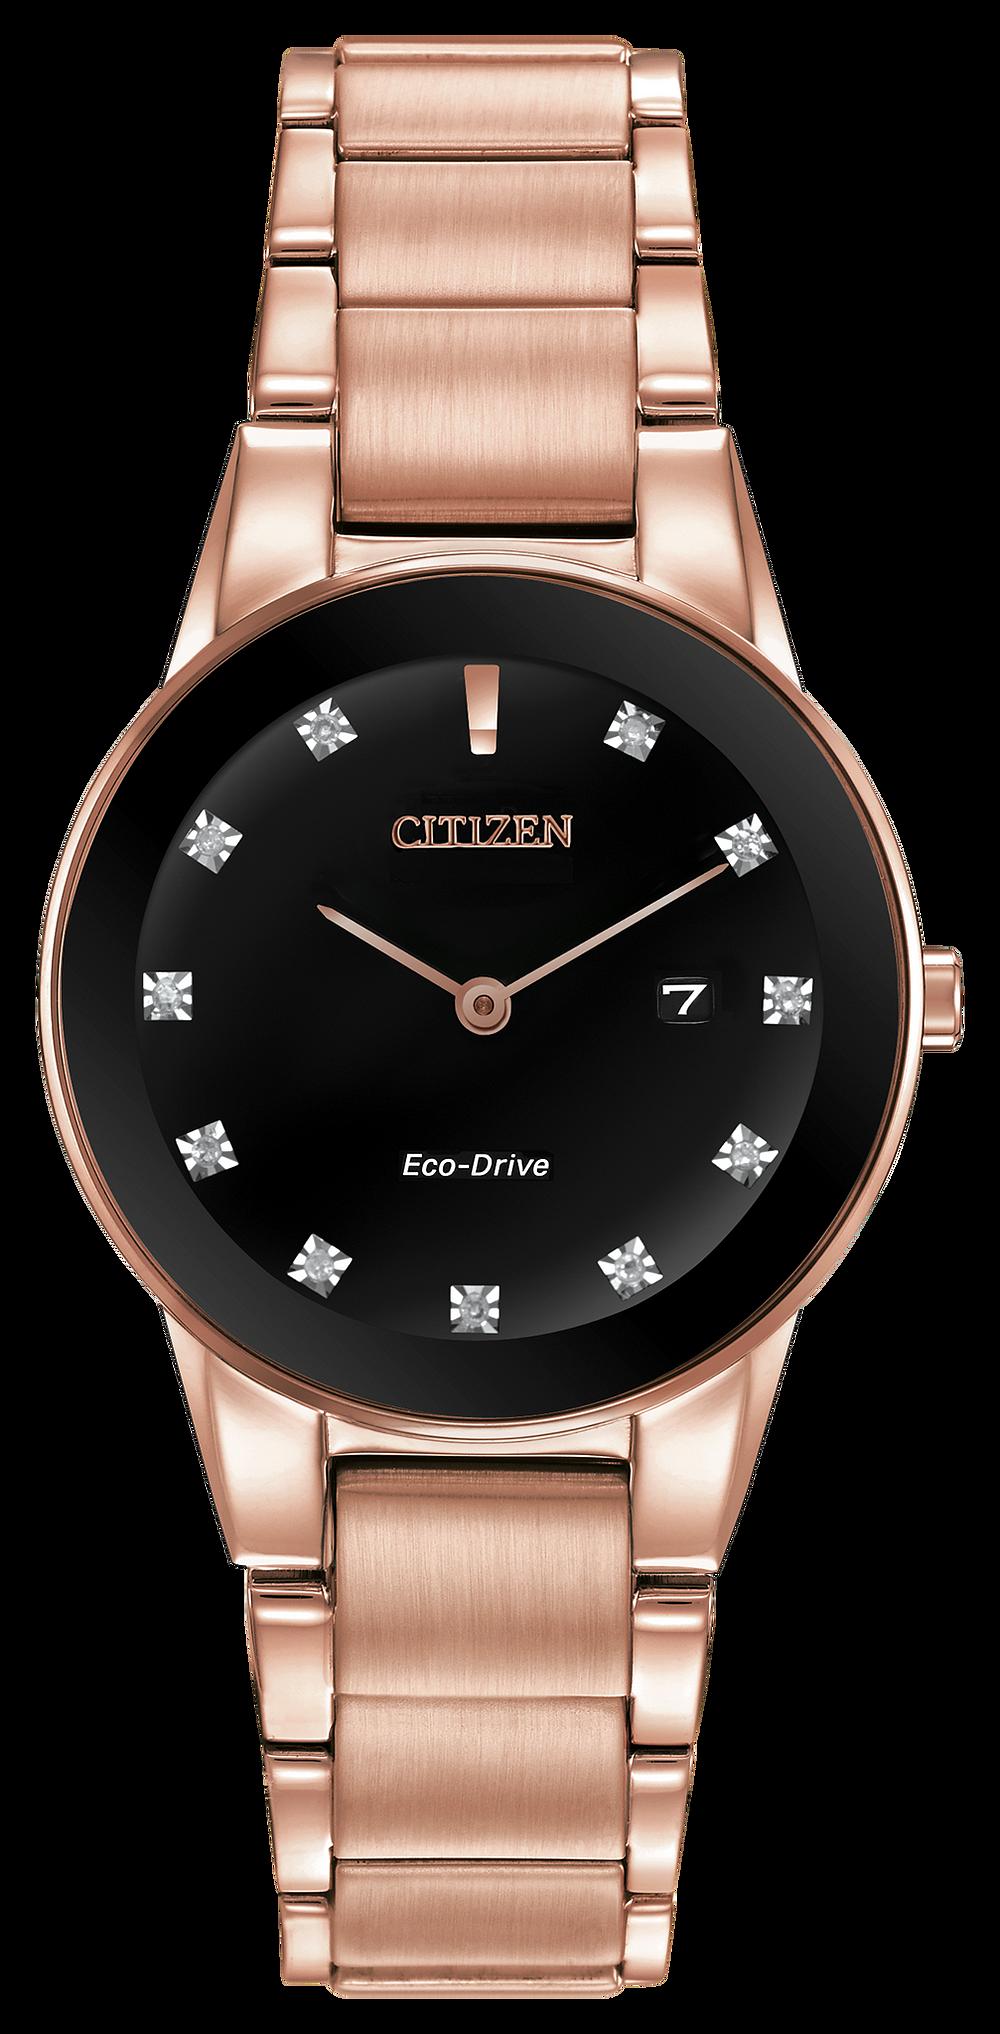 ca35f93ea Axiom - Ladies Eco-Drive GA1058-59Q Diamond Accent Date Watch | Citizen